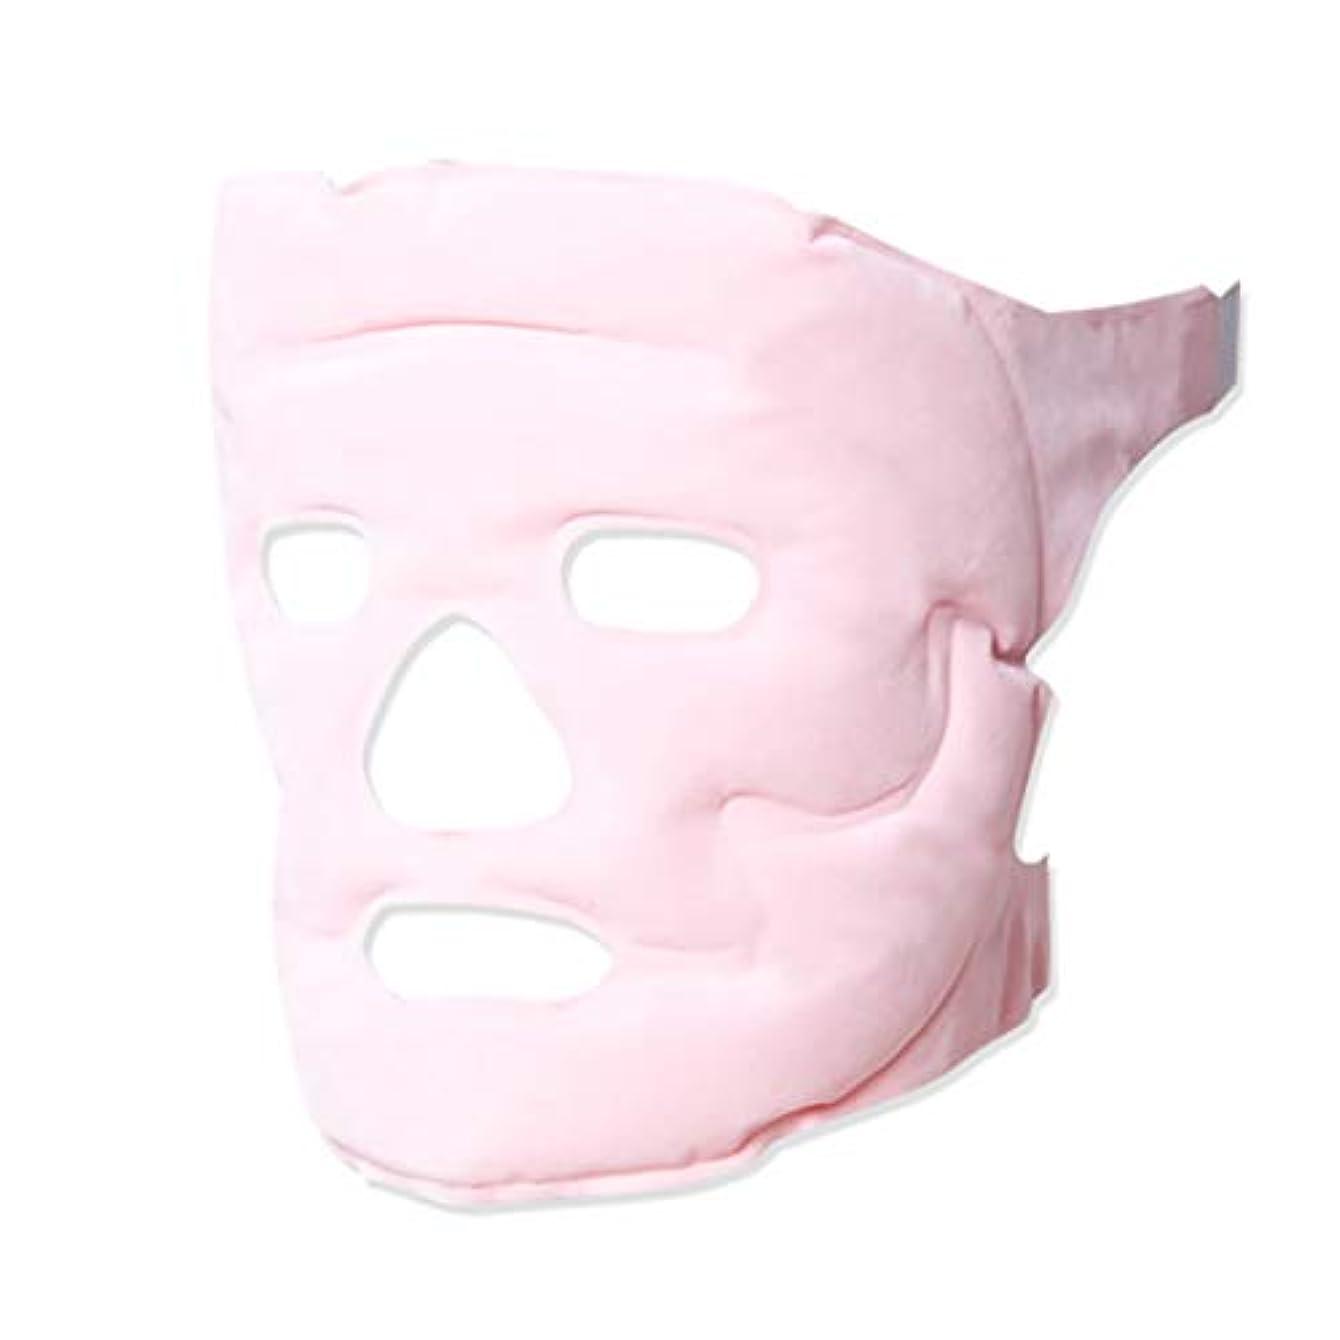 味方実り多いポーンVフェイスマスク睡眠薄い顔美容マスク磁気療法持ち上がる引き締め判決パターン包帯アーティファクトピンク